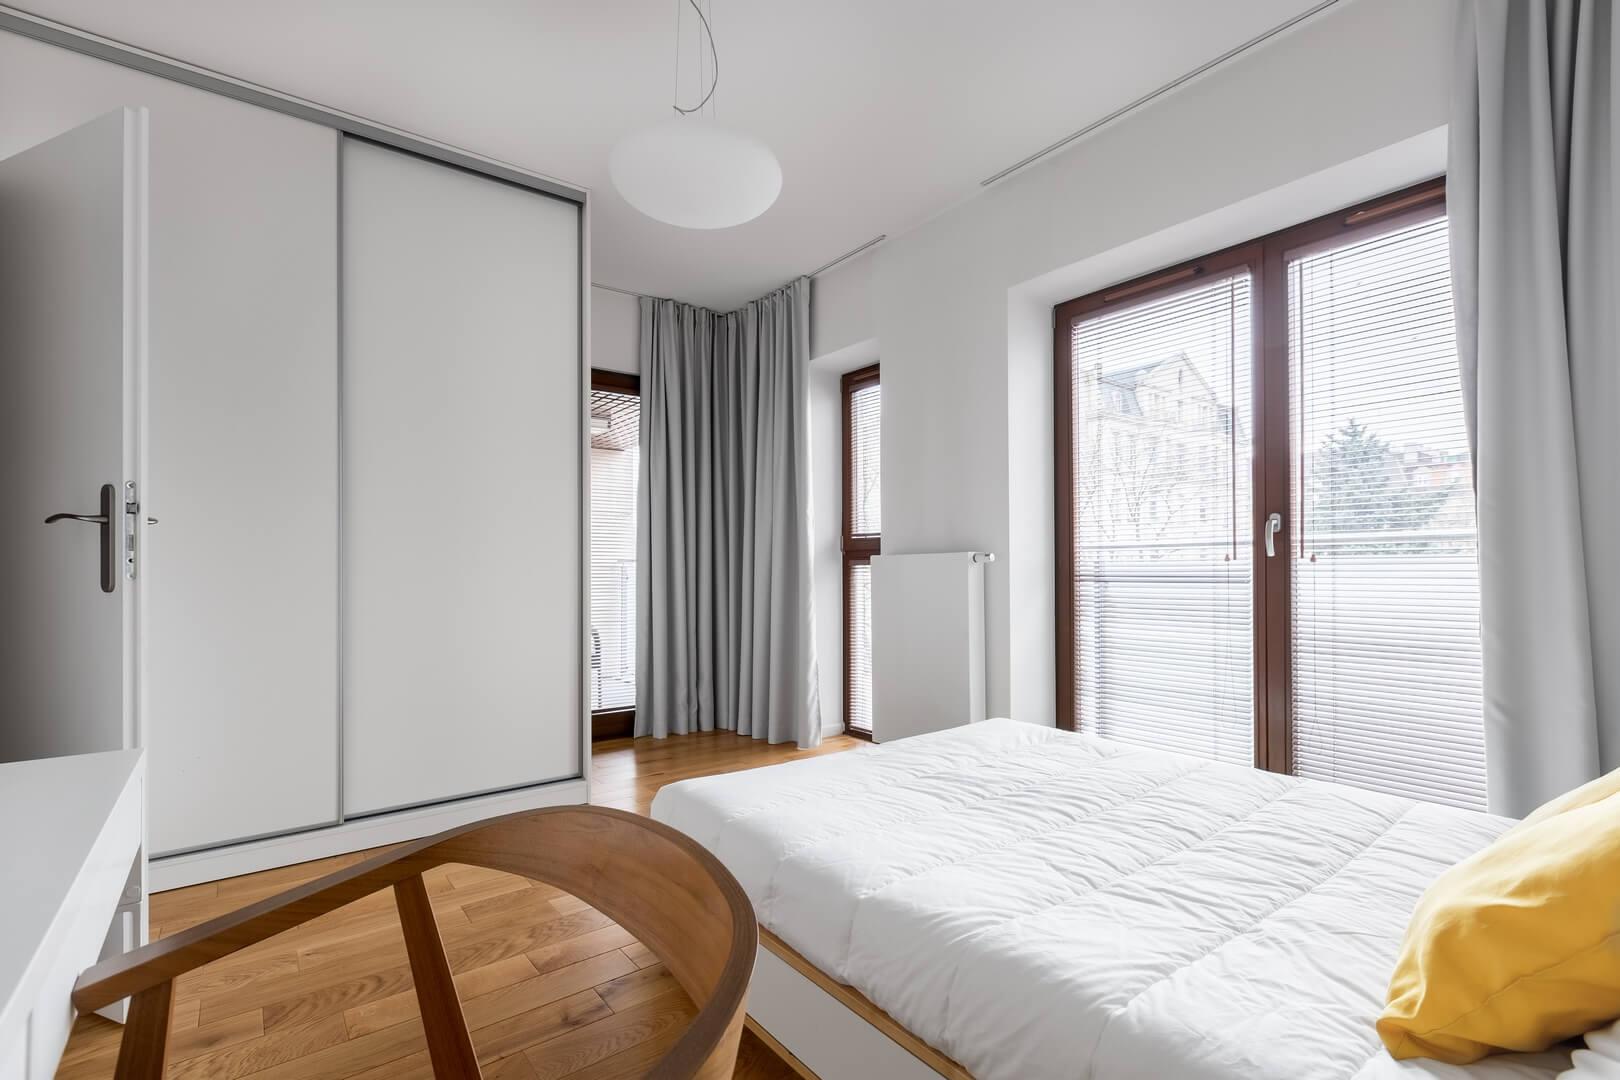 Szafa z białymi drzwiami przesuwnymi do sypialni